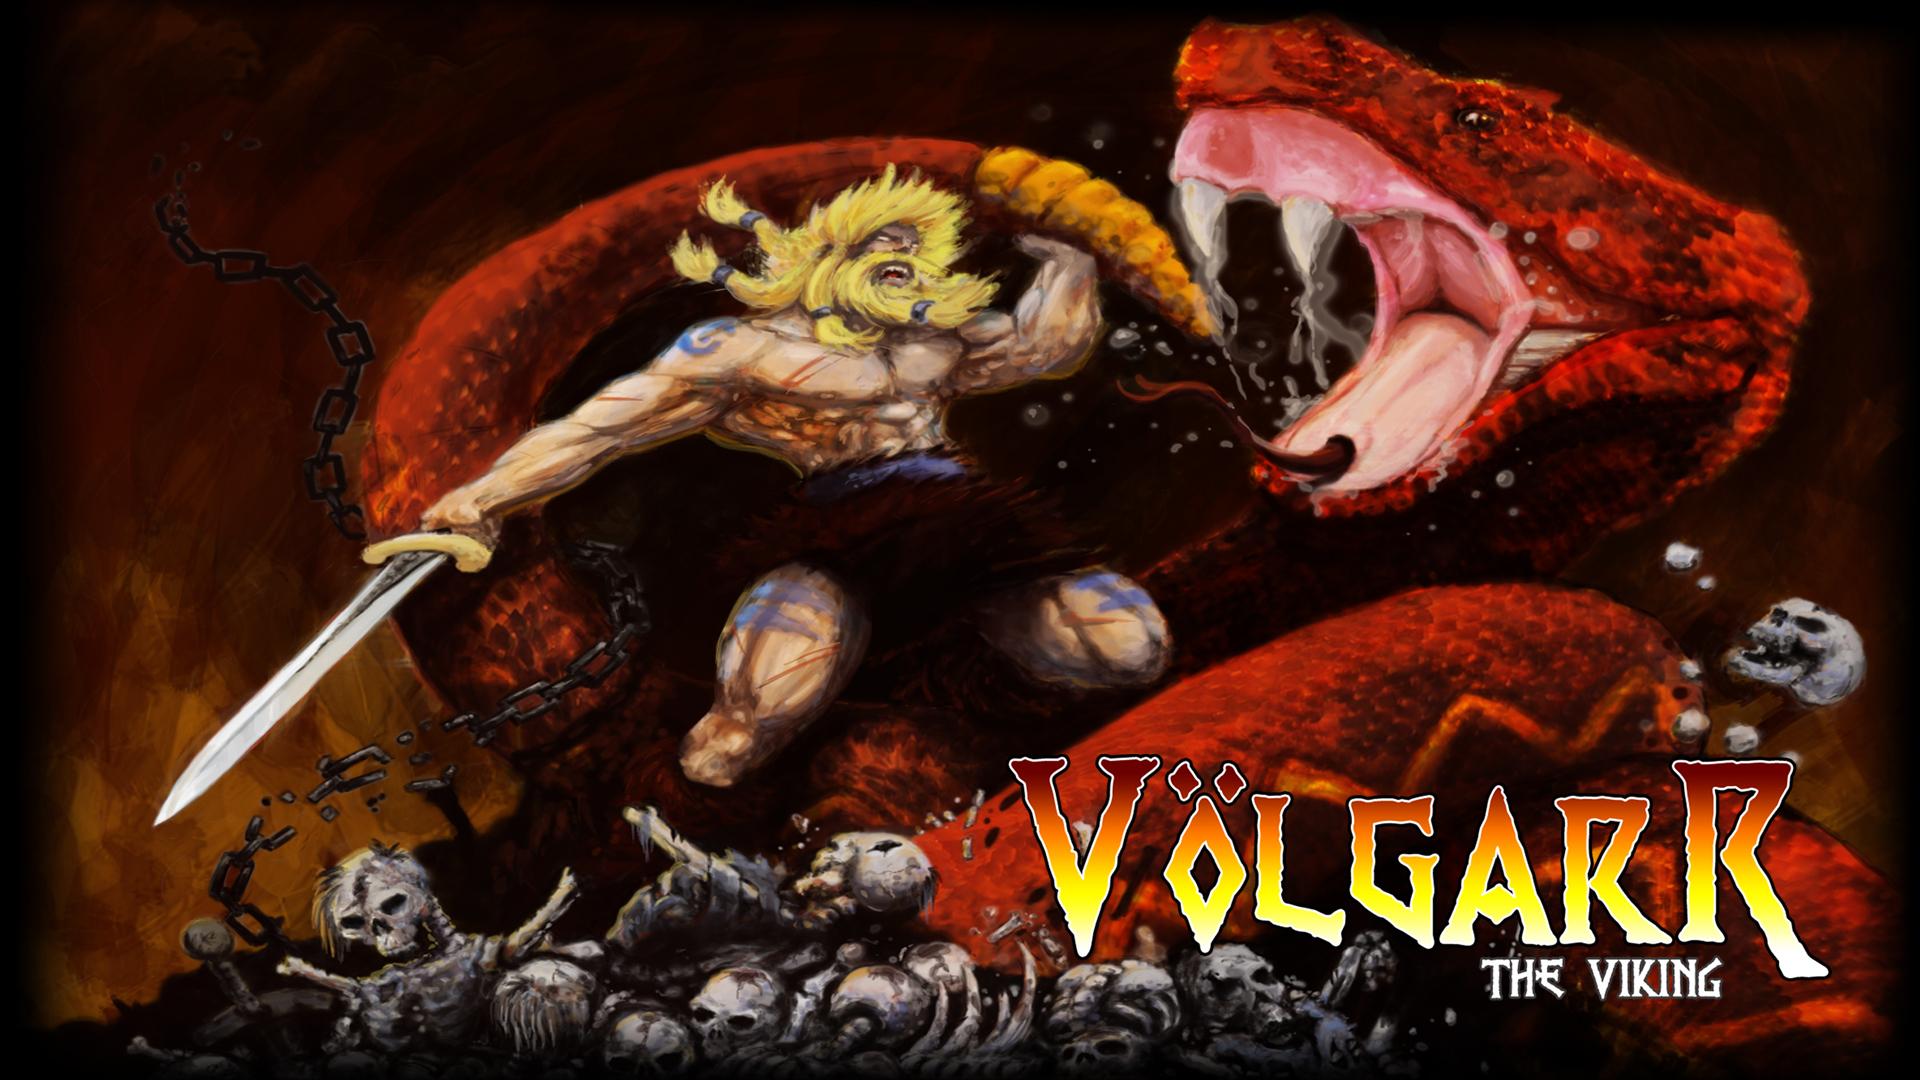 Jogos com ouro: Volgarr, o viking